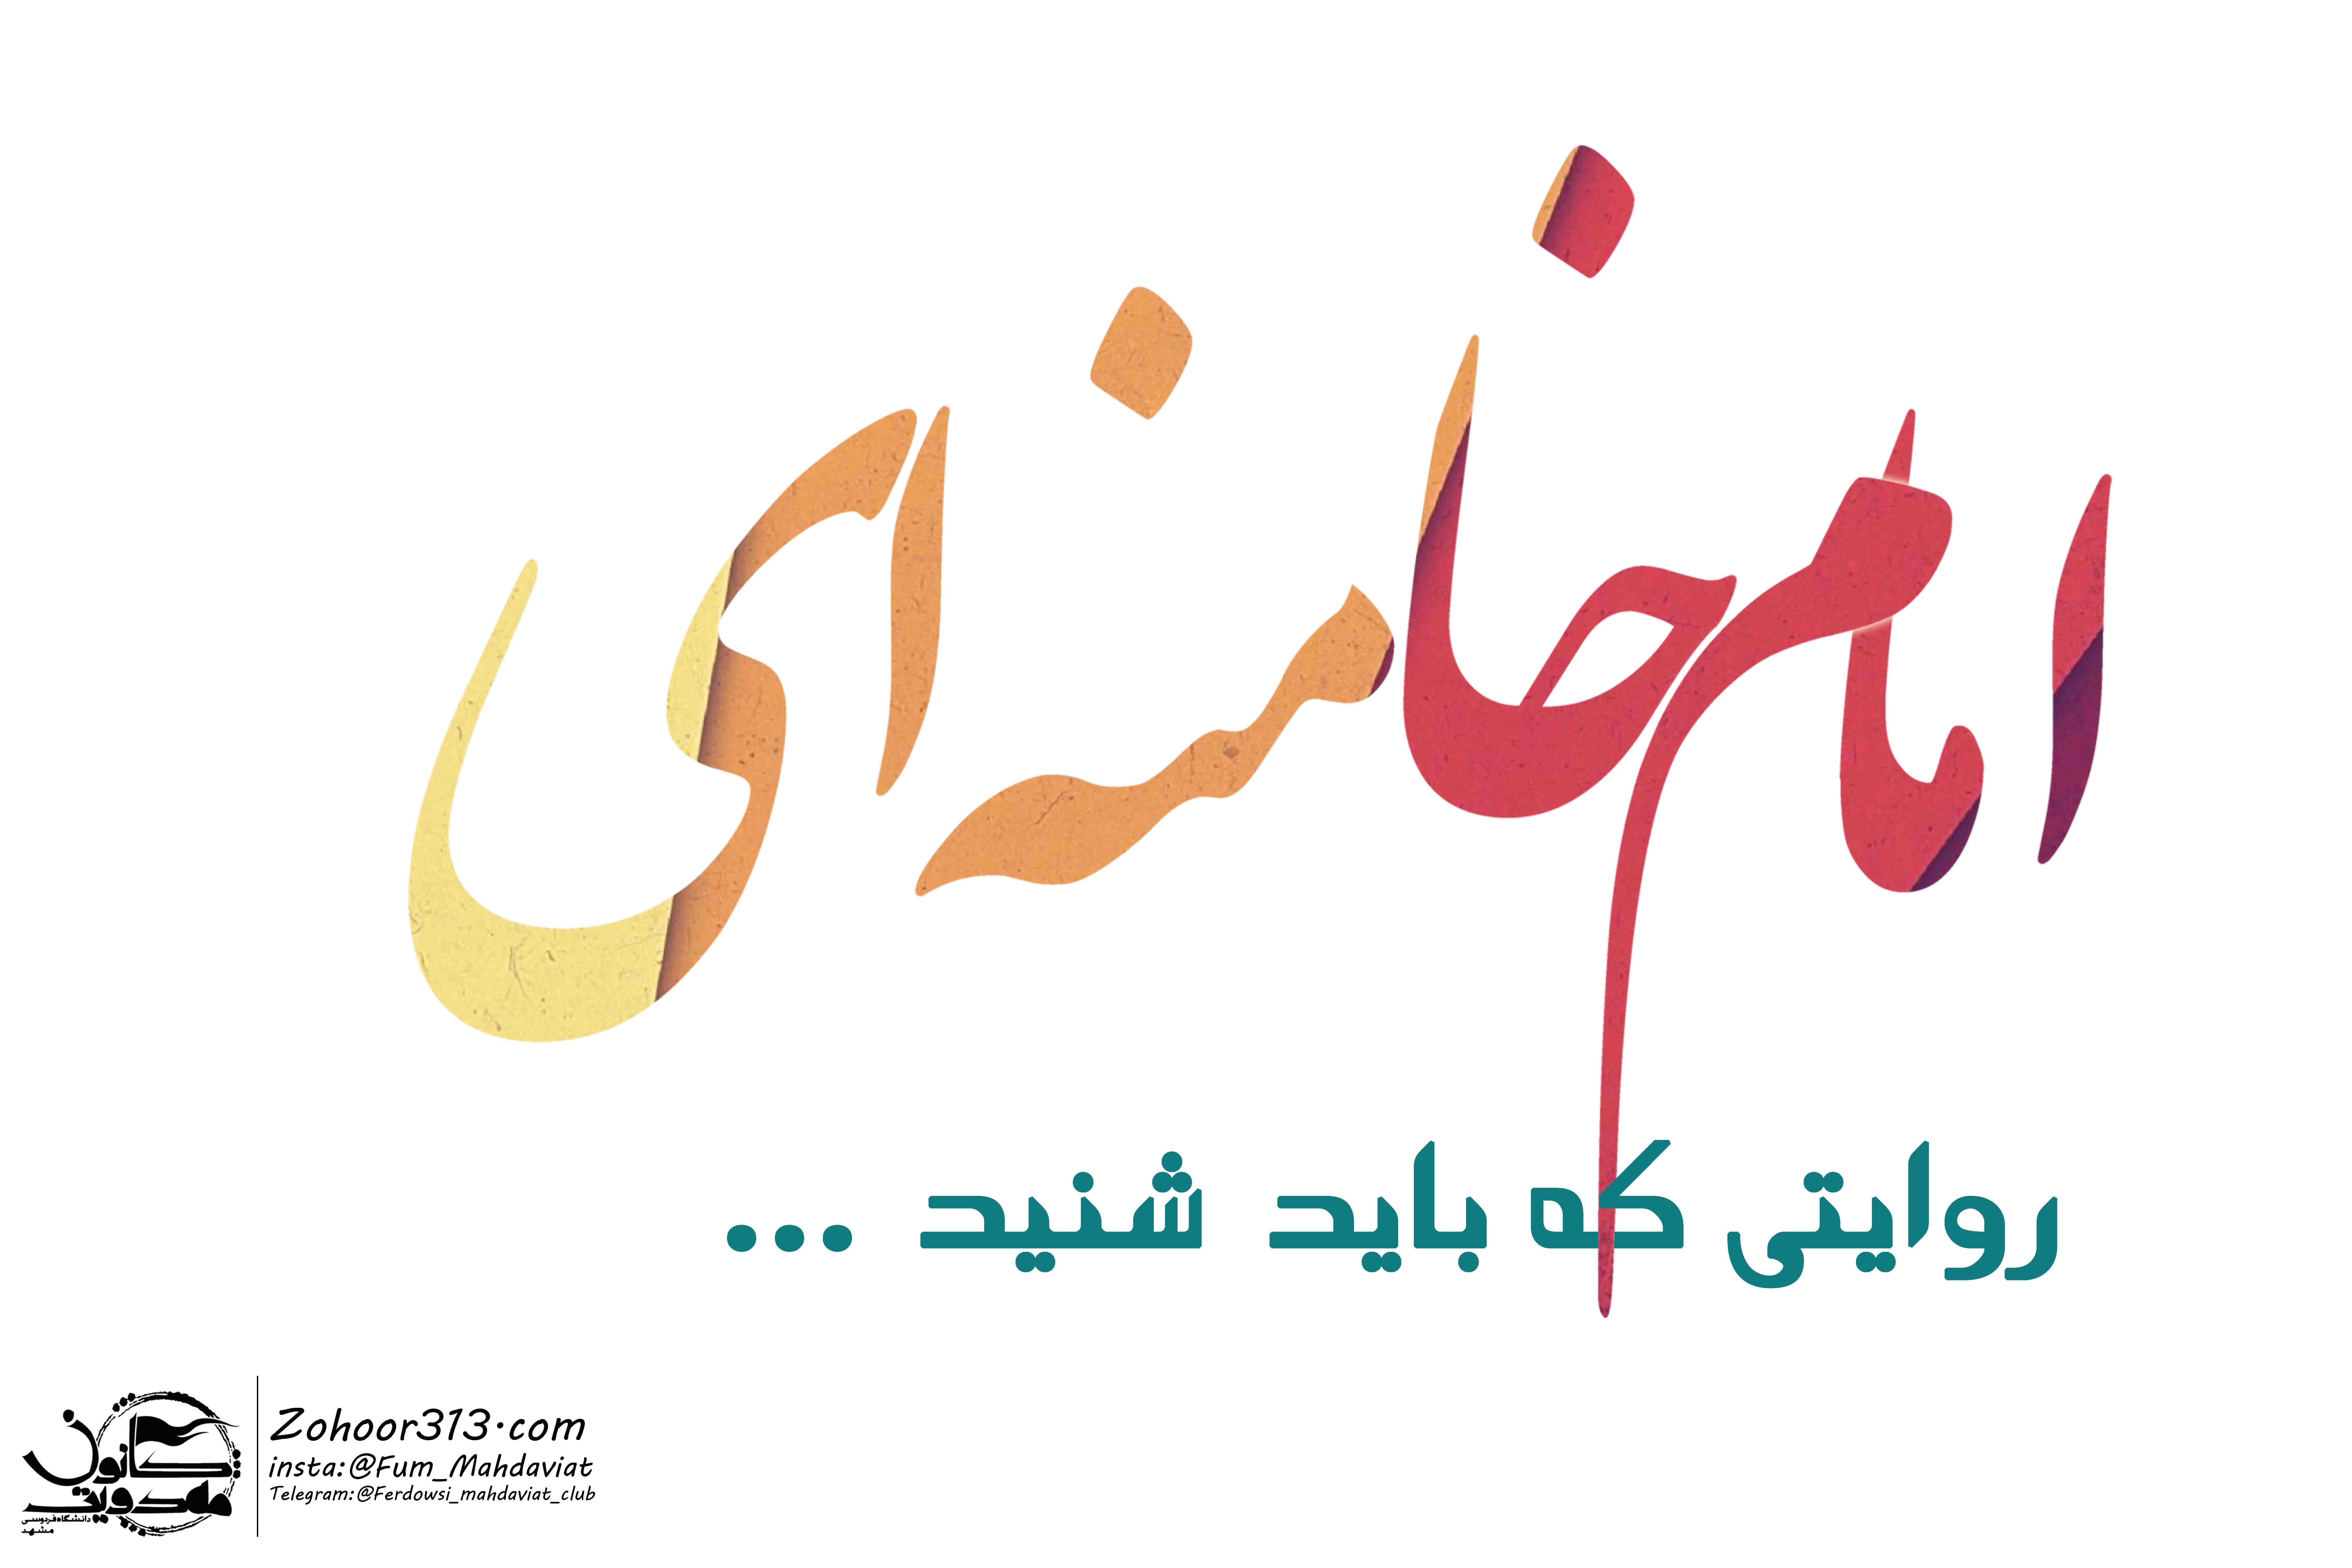 http://bayanbox.ir/view/5861862950179777556/Emam-Khamenai.jpg